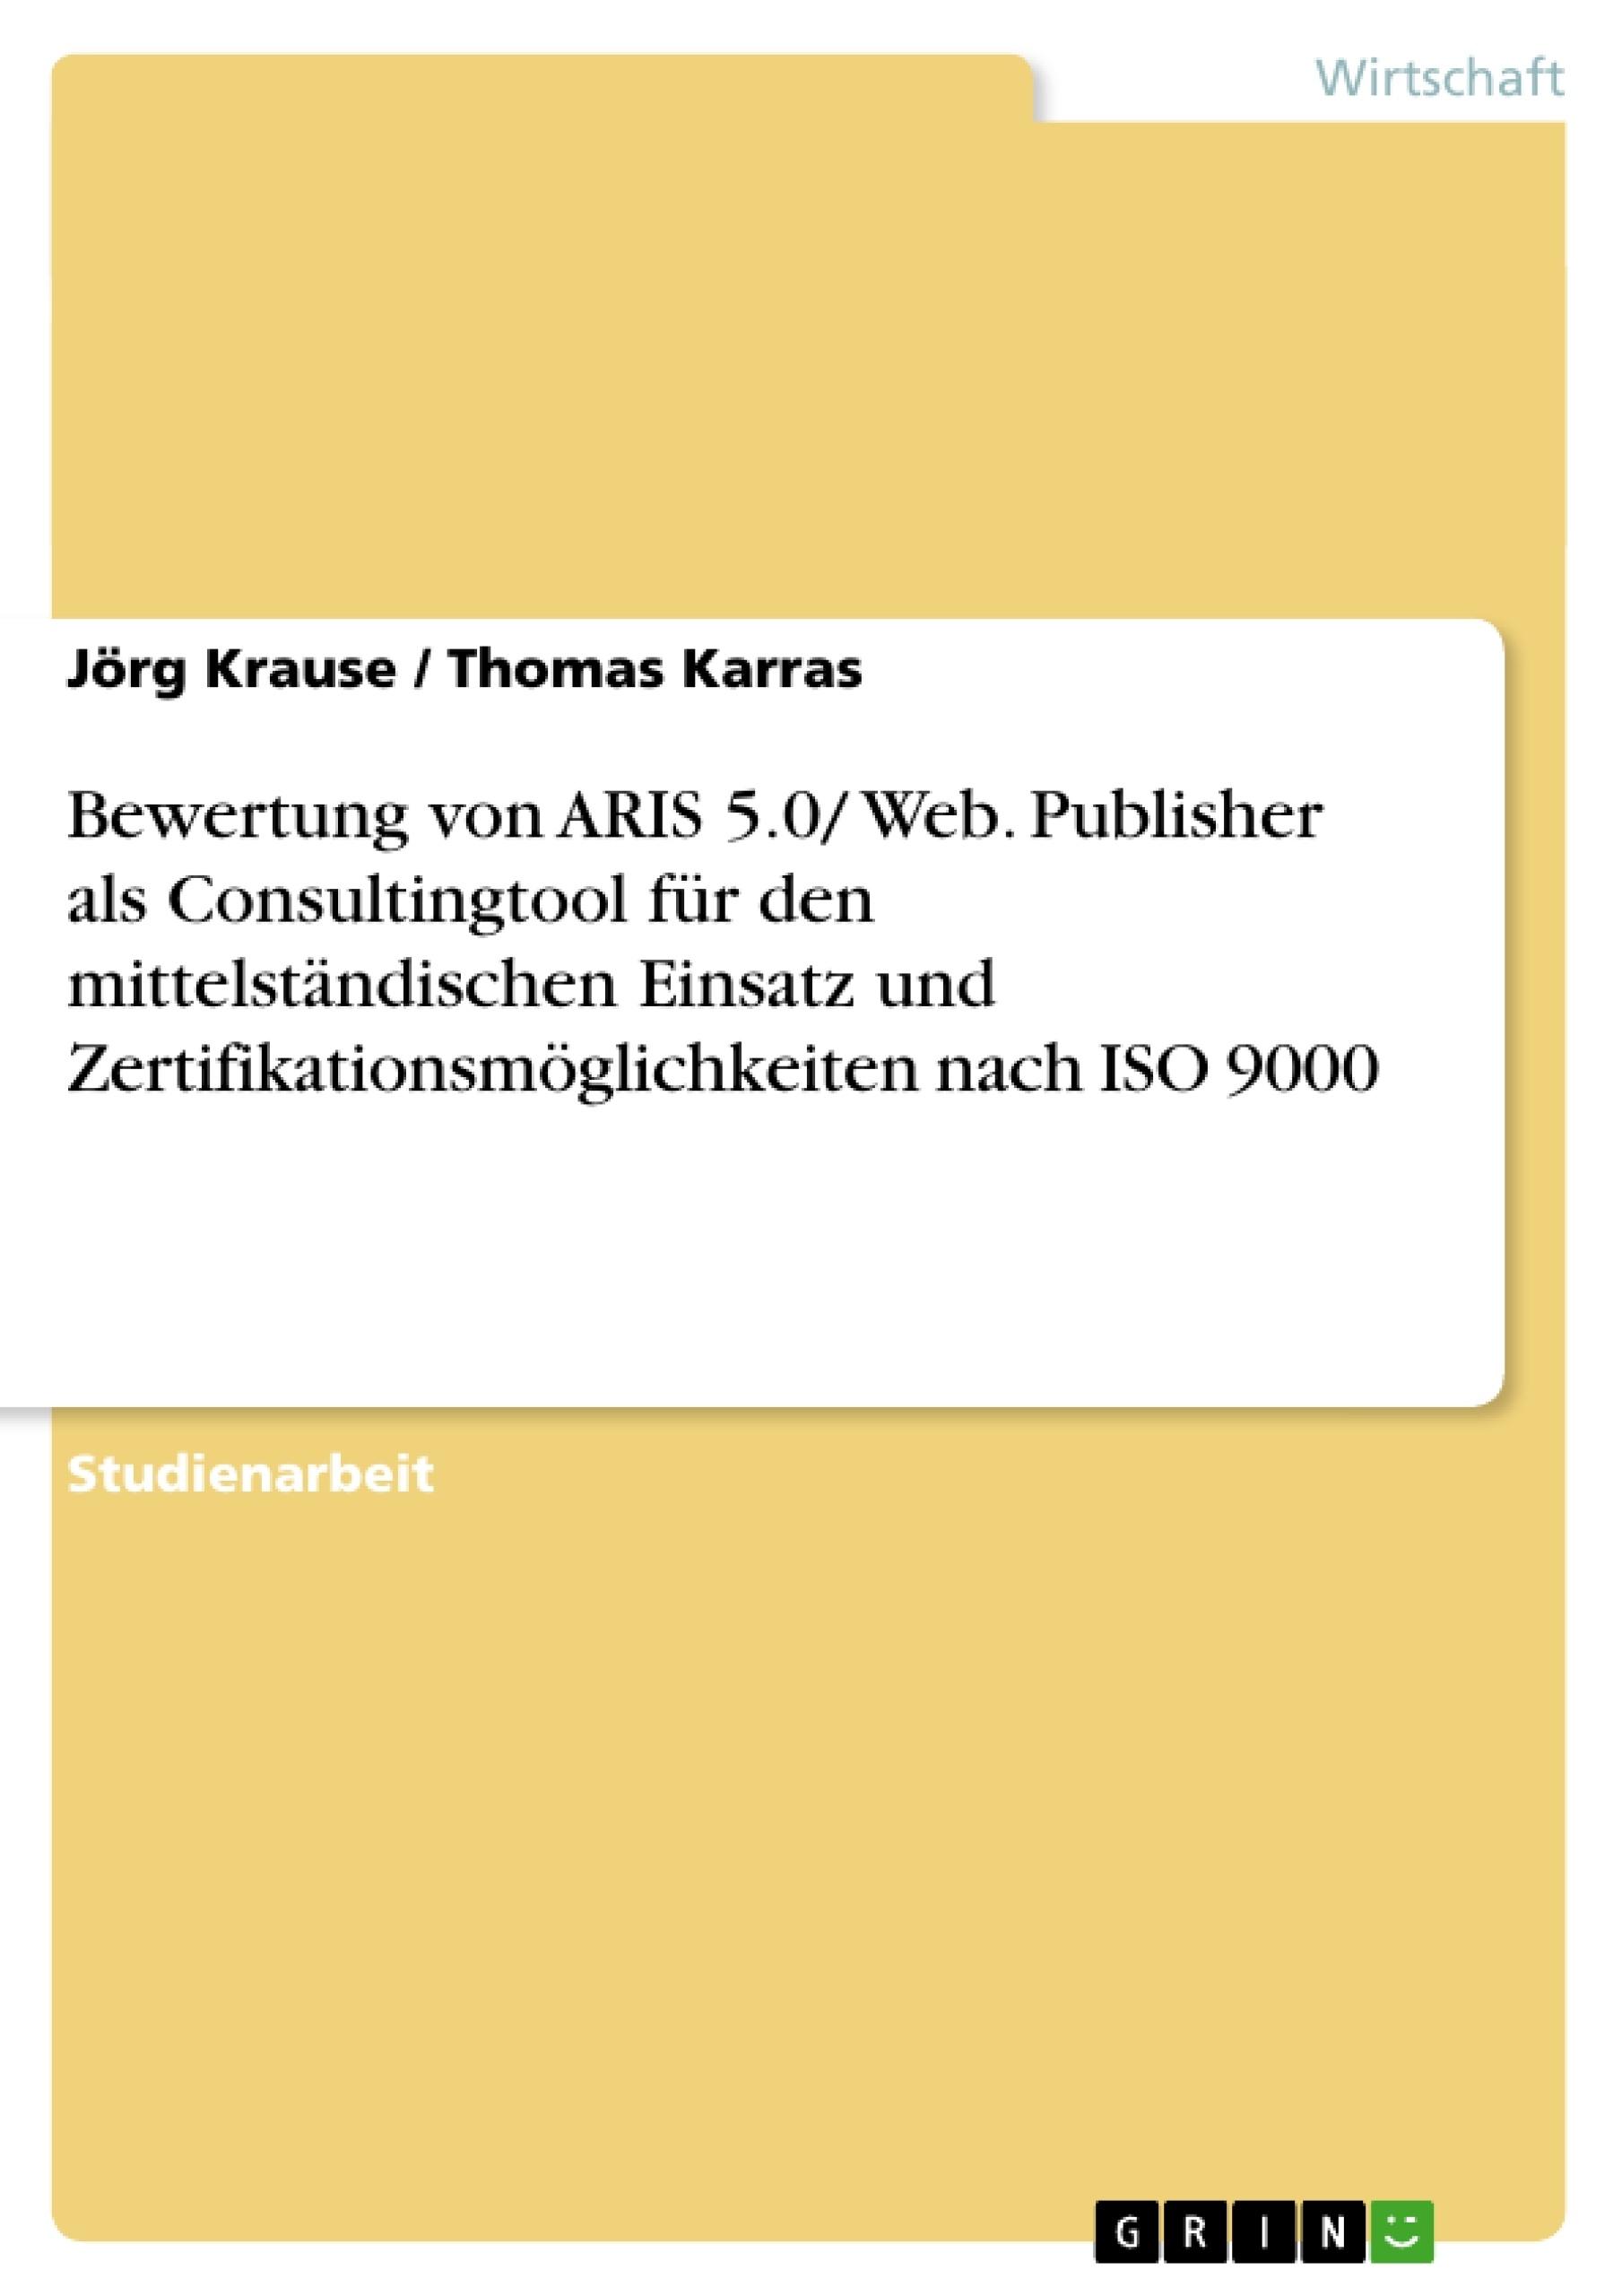 Titel: Bewertung von ARIS 5.0/ Web. Publisher als Consultingtool für den mittelständischen Einsatz und Zertifikationsmöglichkeiten nach ISO 9000